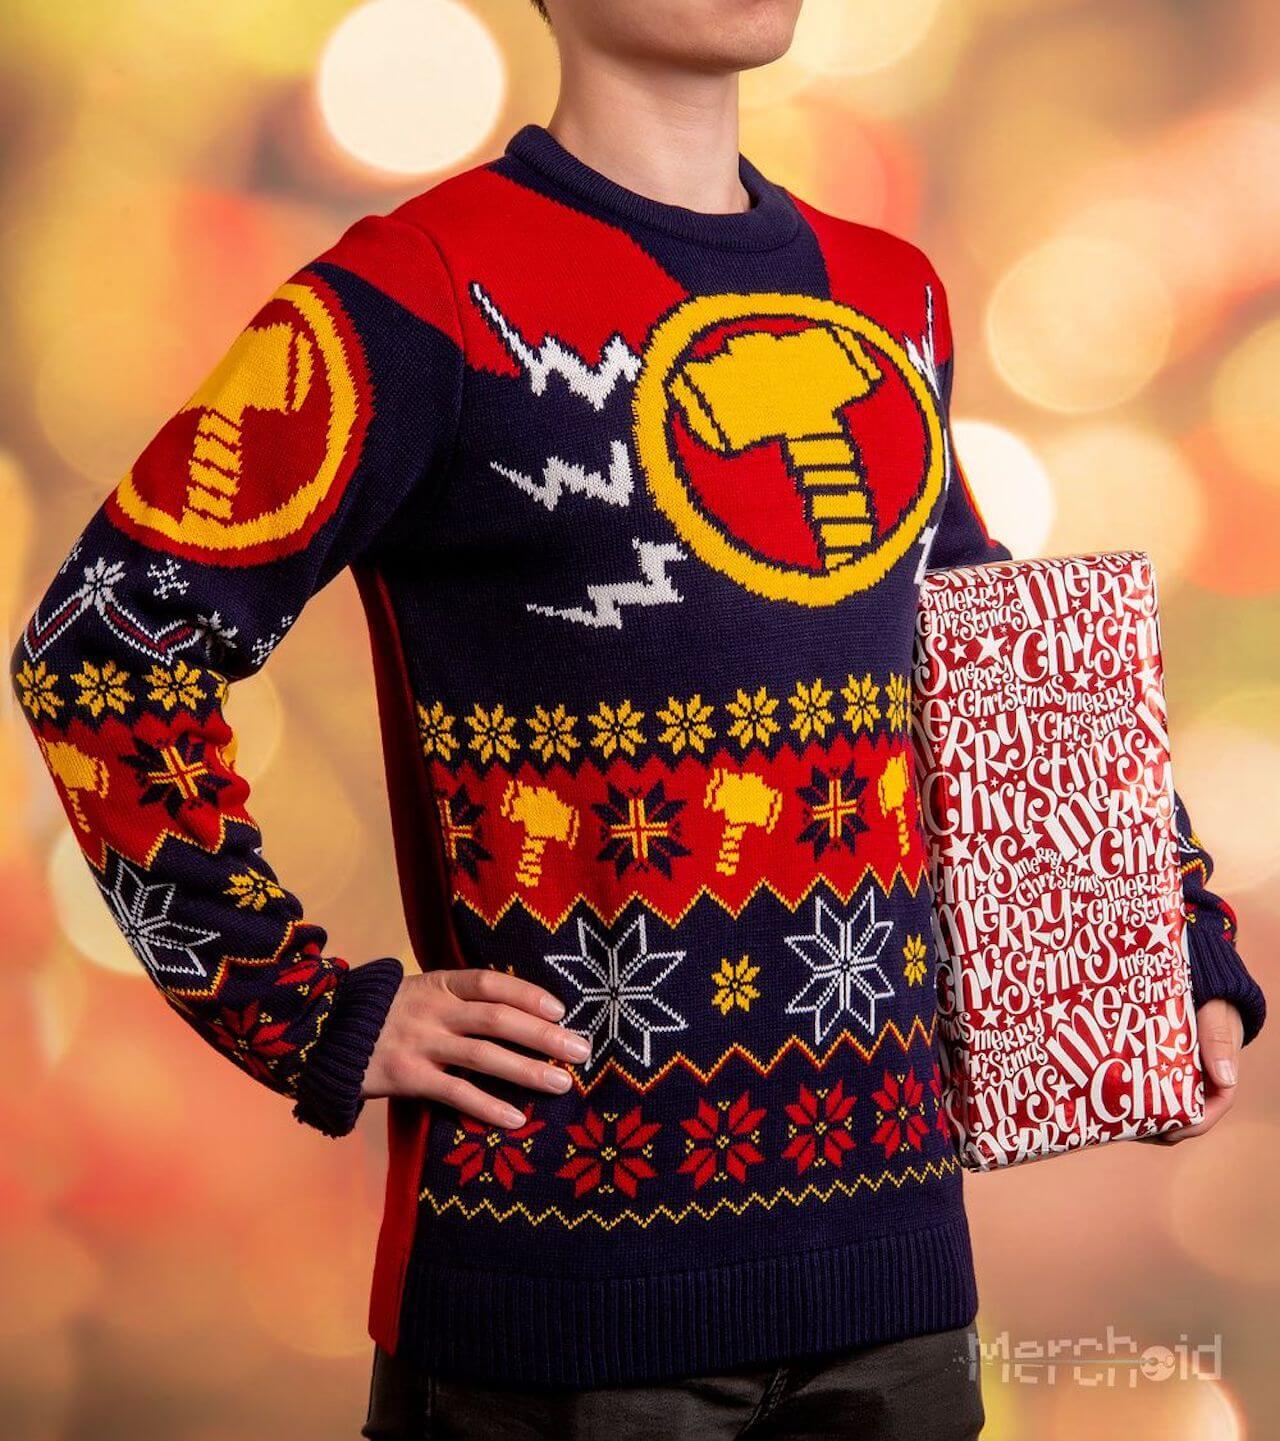 「ダサいセーター」コレクションにアイアンマン、ブラックパンサーなどマーベルヒーローたちが登場 life-fashion190924-marvel-ugly-sweater-3